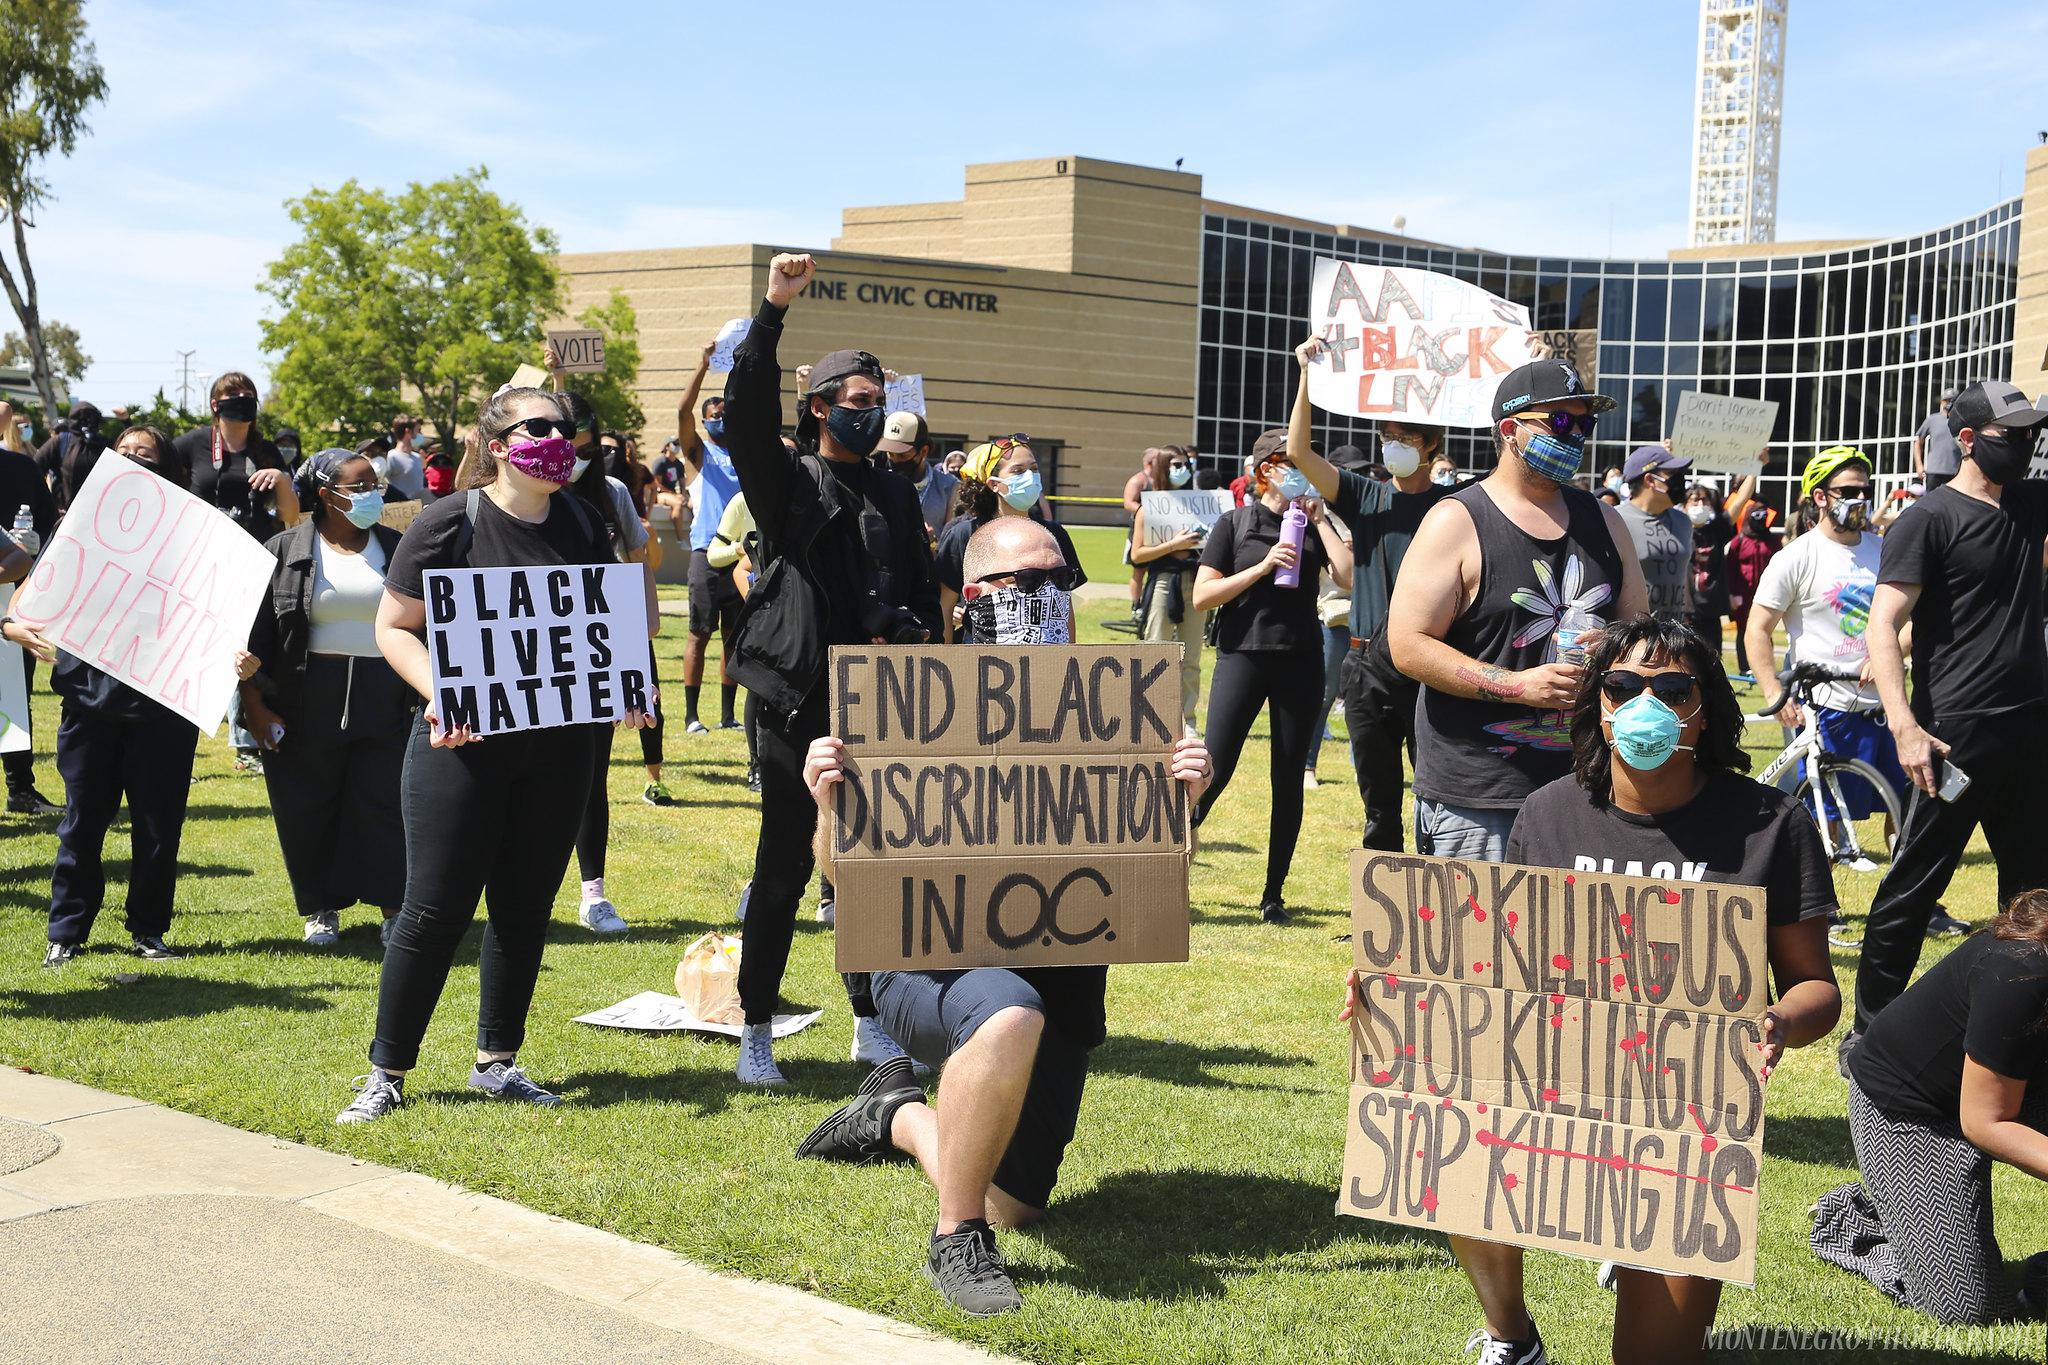 A Black Lives Matter protest in Irvine, CA